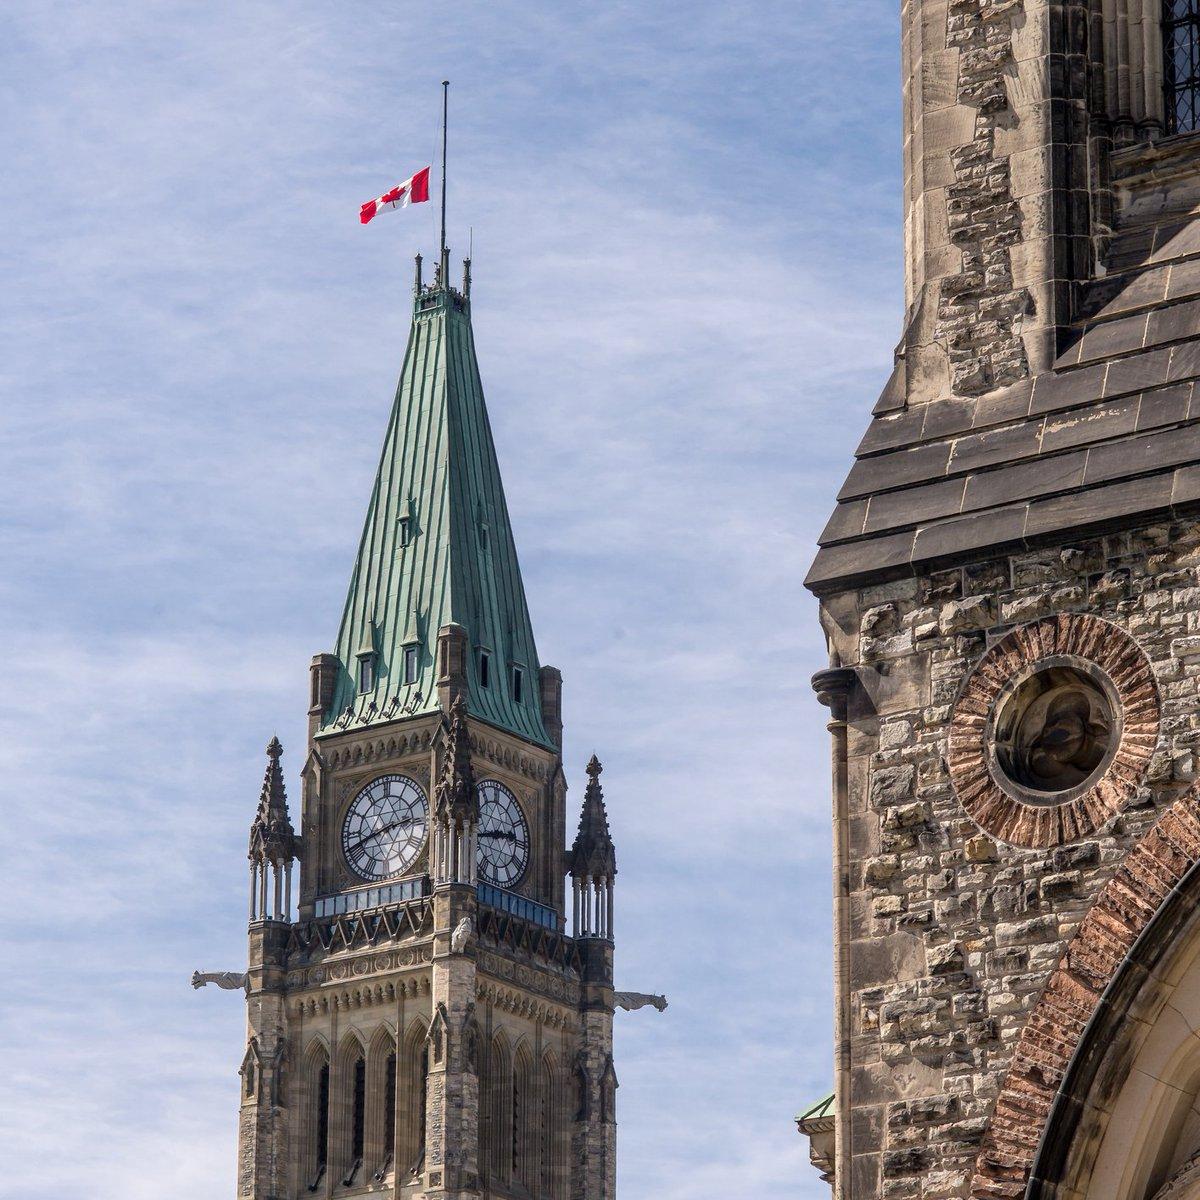 En l'honneur des 176 victimes, y compris les 63 Canadiens qui ont perdu la vie lors de l'écrasement de l'avion à l'extérieur de Téhéran en Iran, une vigile aura lieu ce soir sur la colline du Parlement à Ottawa. Le Canada est en deuil avec tous ceux touchés par cette tragédie.